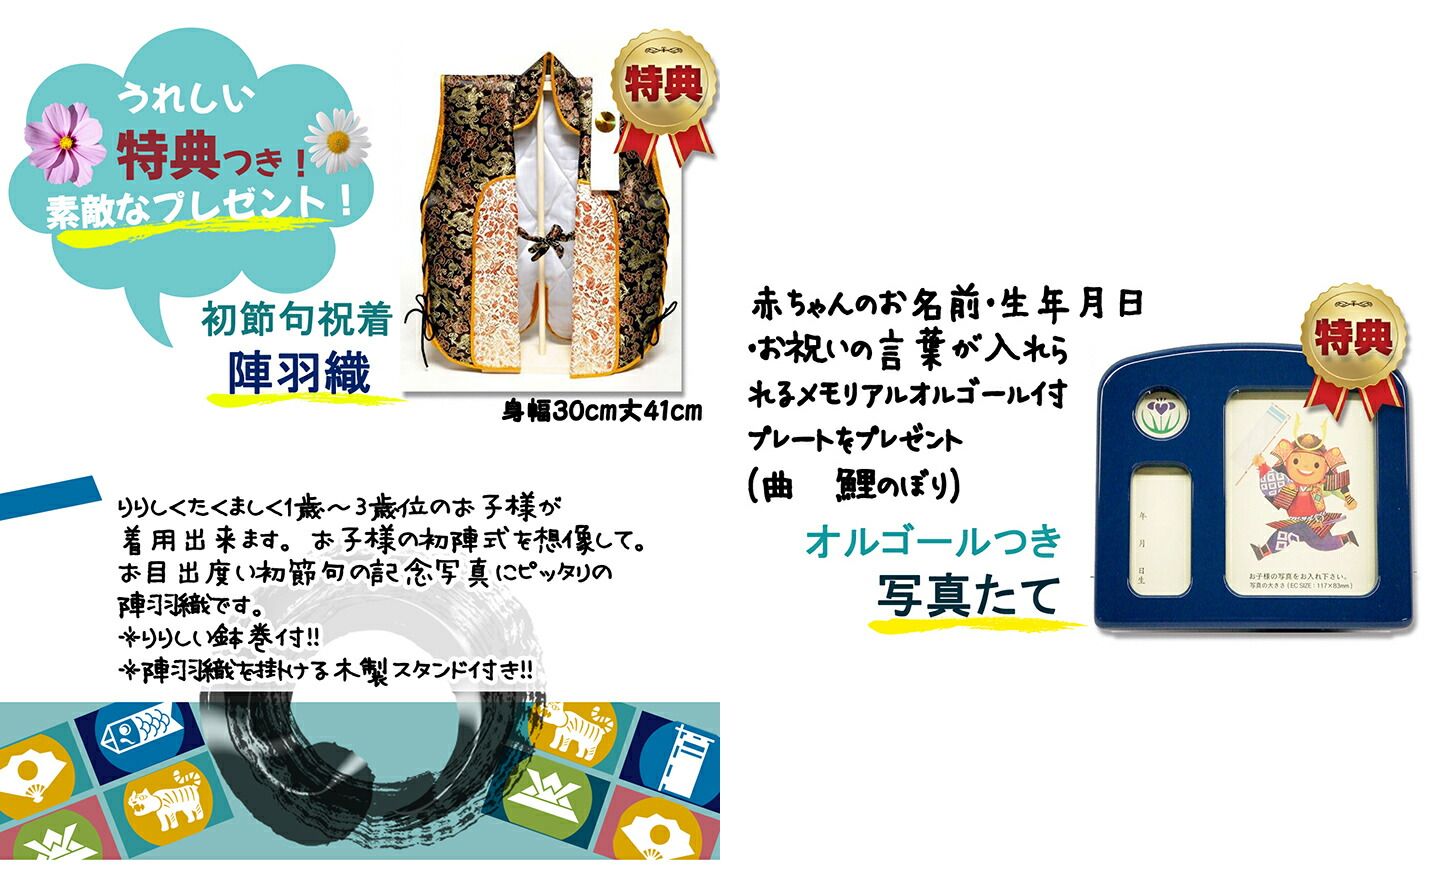 五月人形,五月飾り,5月人形,5月飾り,兜飾り,大将飾り,収納飾り,着用,鎧,兜,平飾り